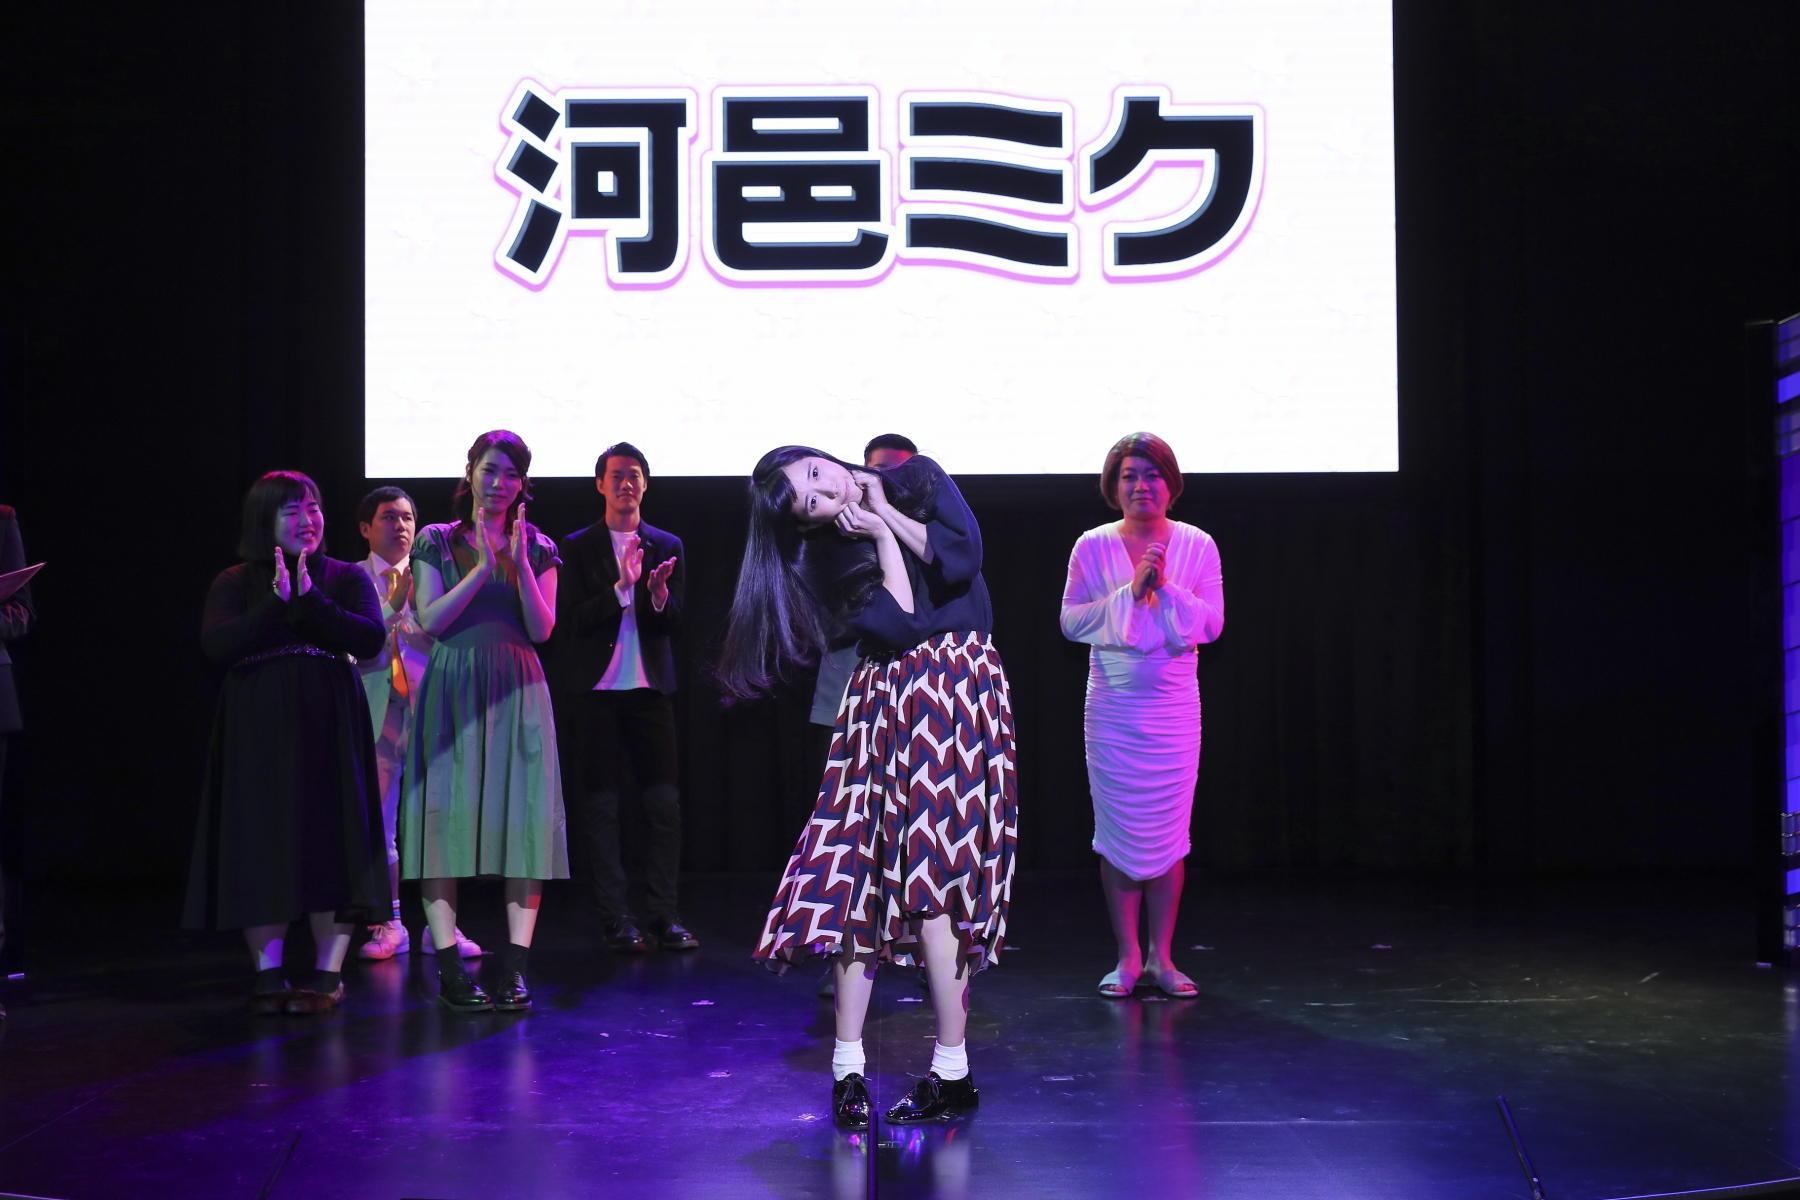 http://news.yoshimoto.co.jp/20181130142820-94f27ba763ba348e90d97e21a41ce47fceefff47.jpg